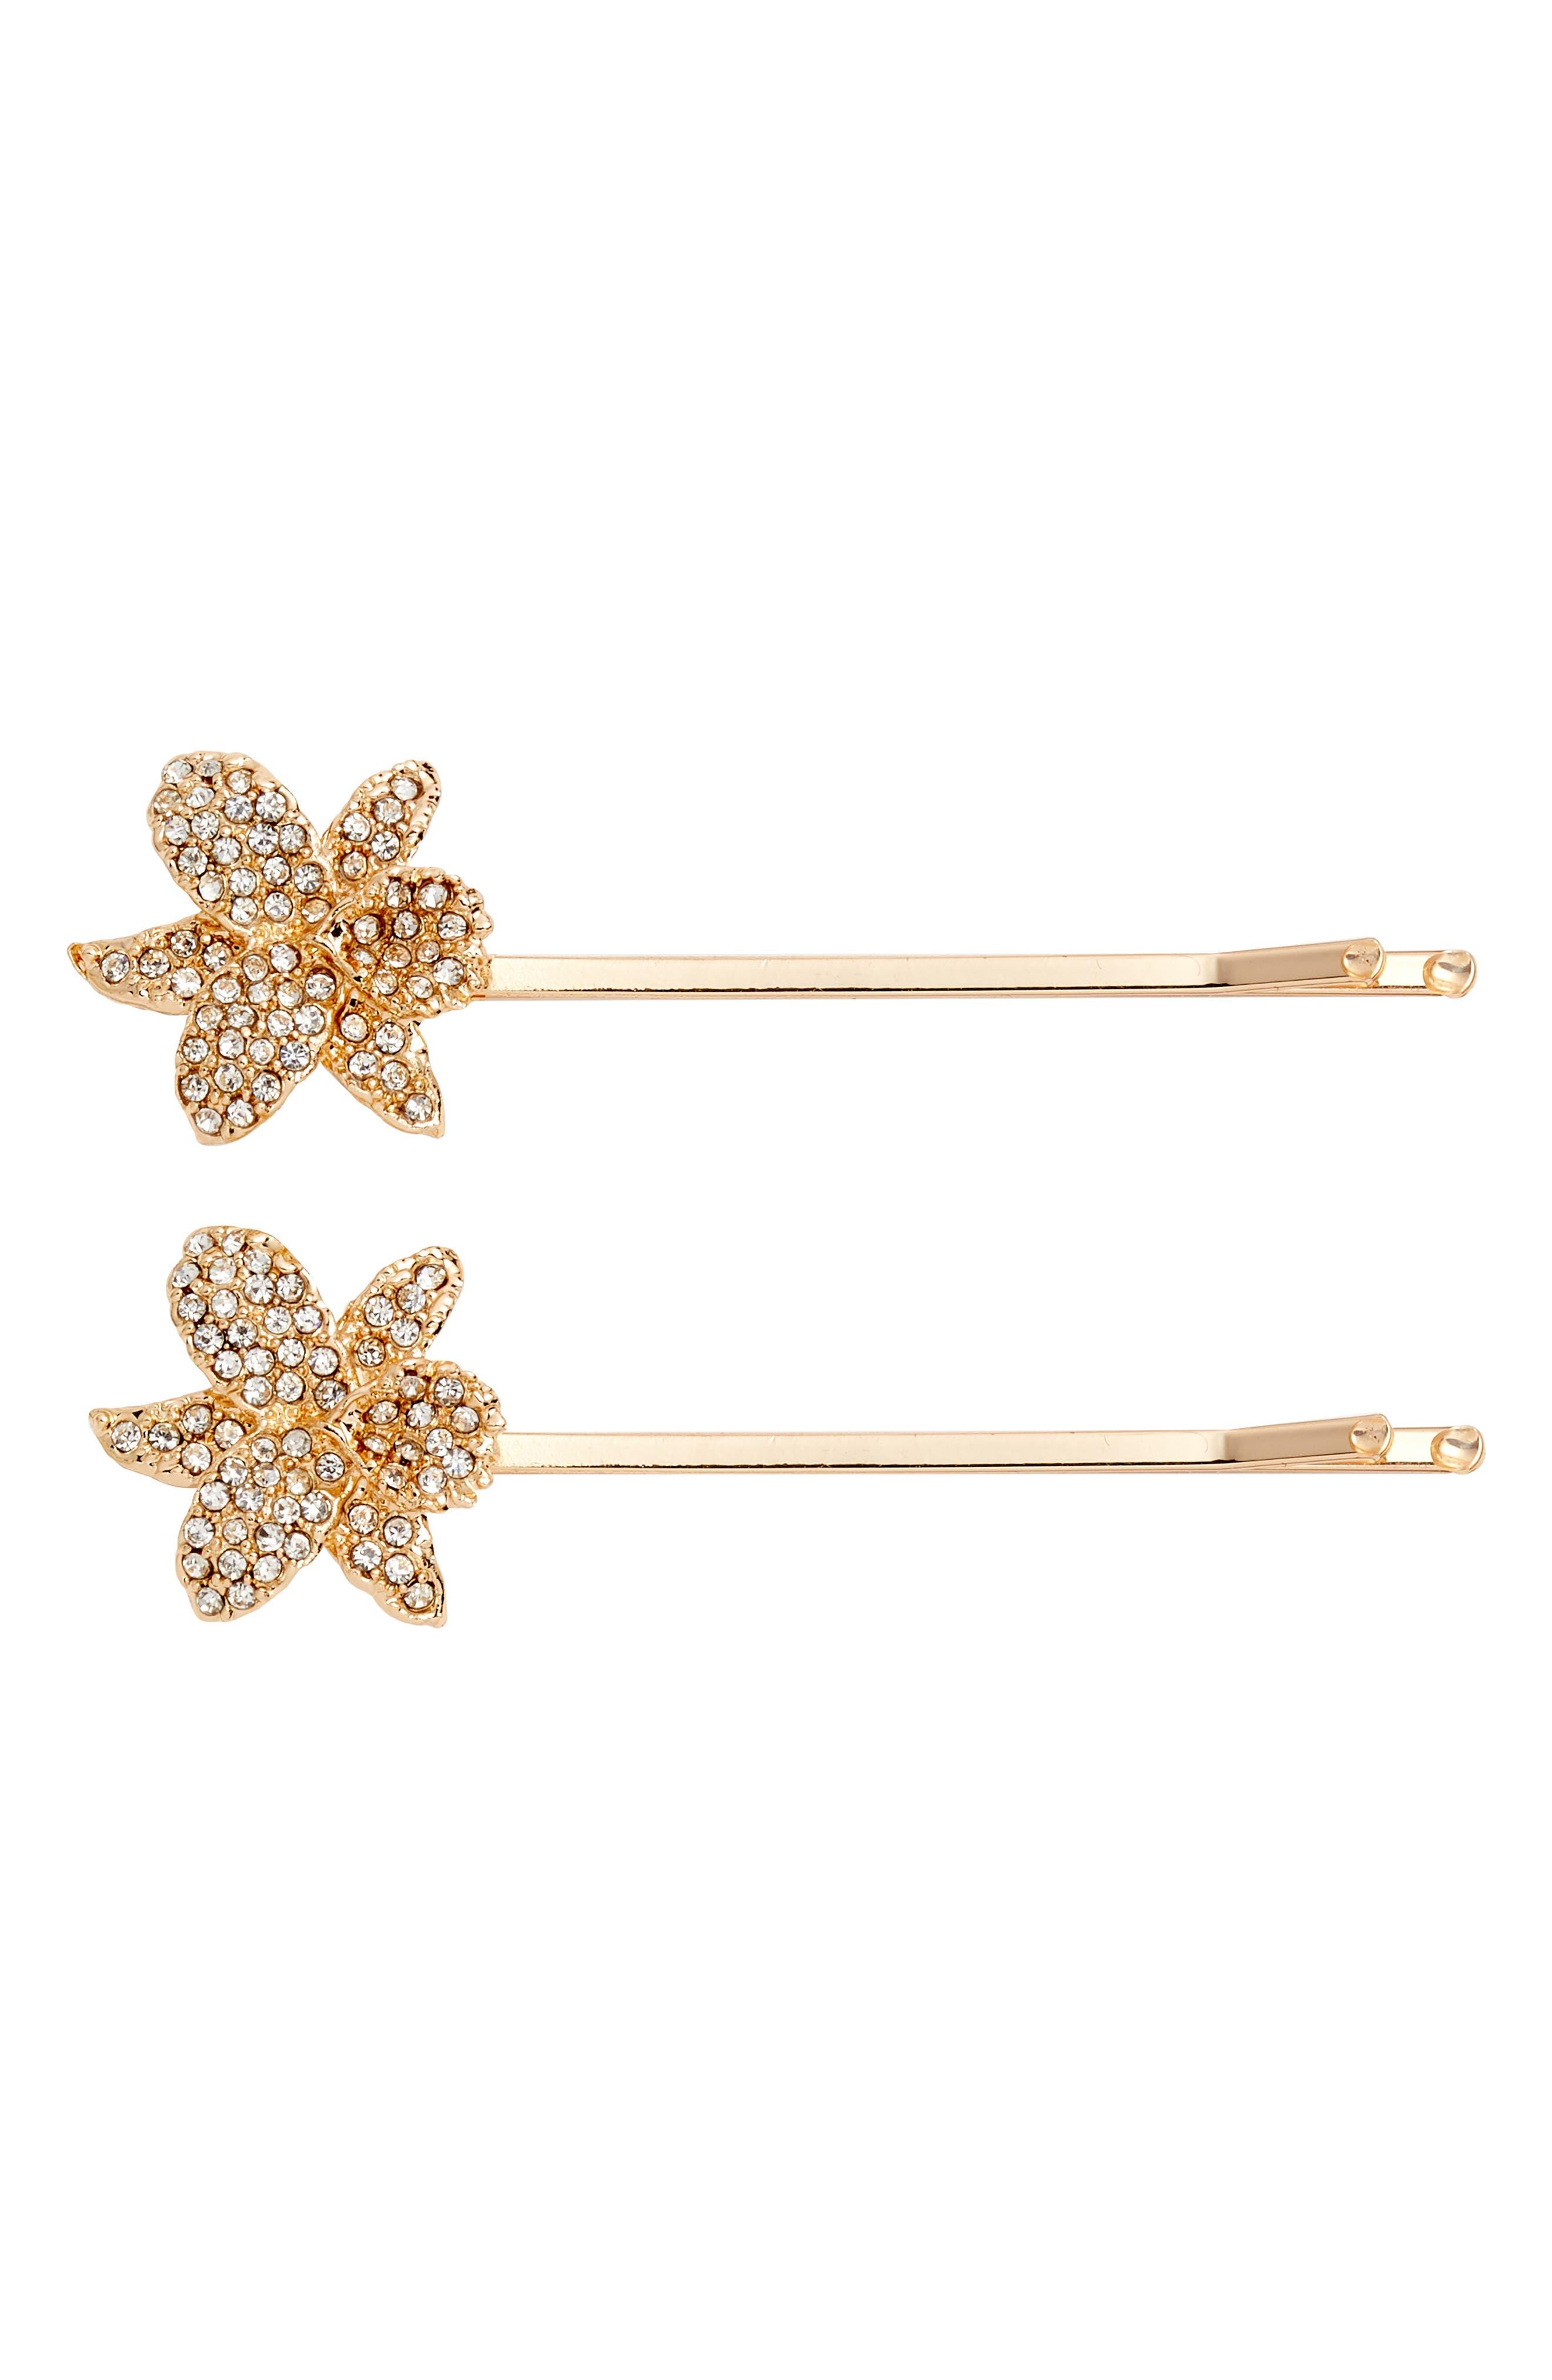 Nina Small Orchid Bobby Pins